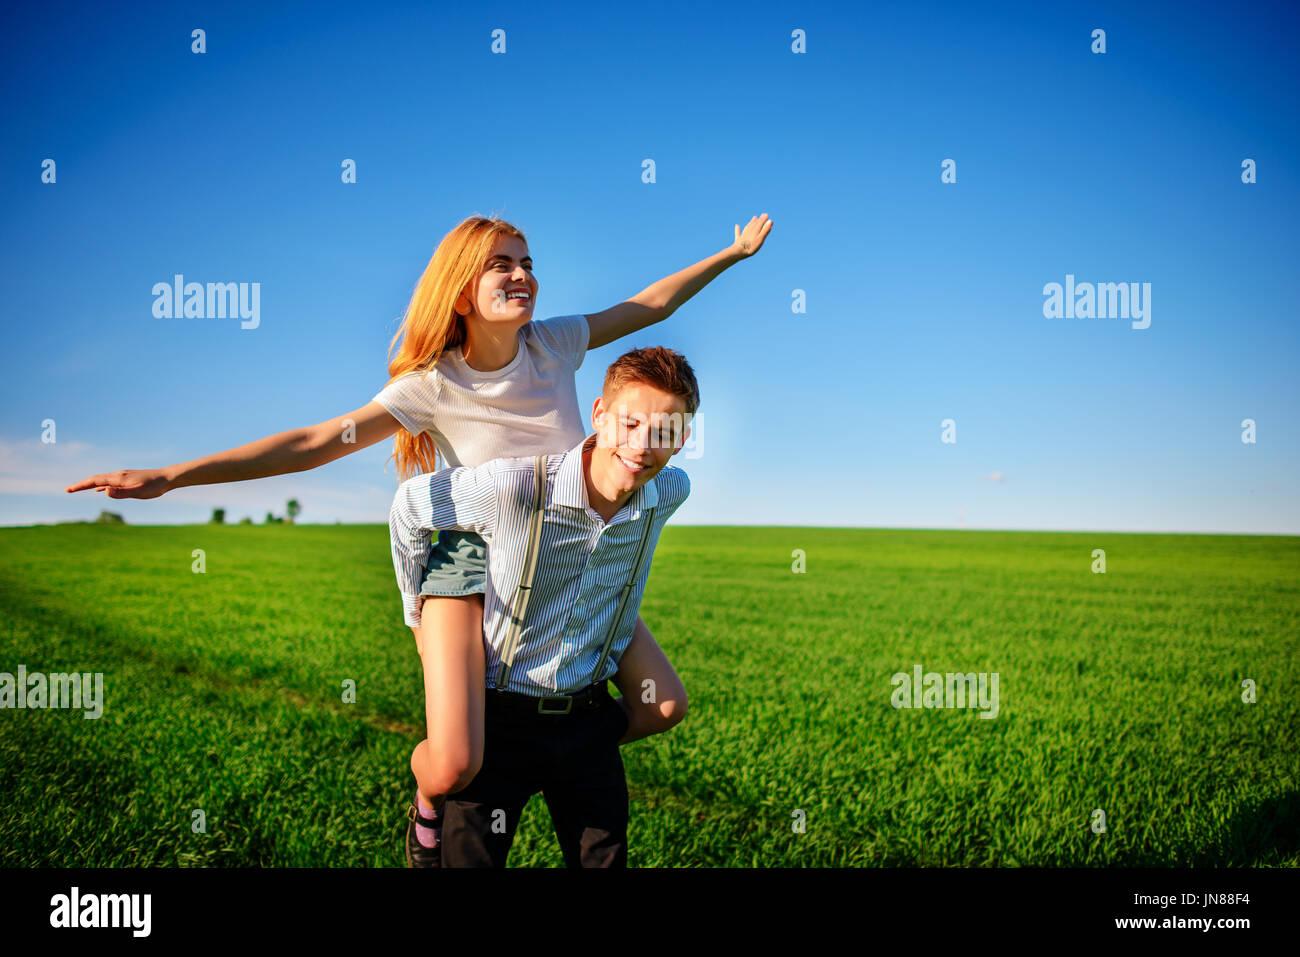 Uomo sorridente è in attesa sulla sua schiena donna felice, che tira fuori le sue braccia e simula un volo contro lo sfondo del cielo blu e il verde delle FIE Immagini Stock